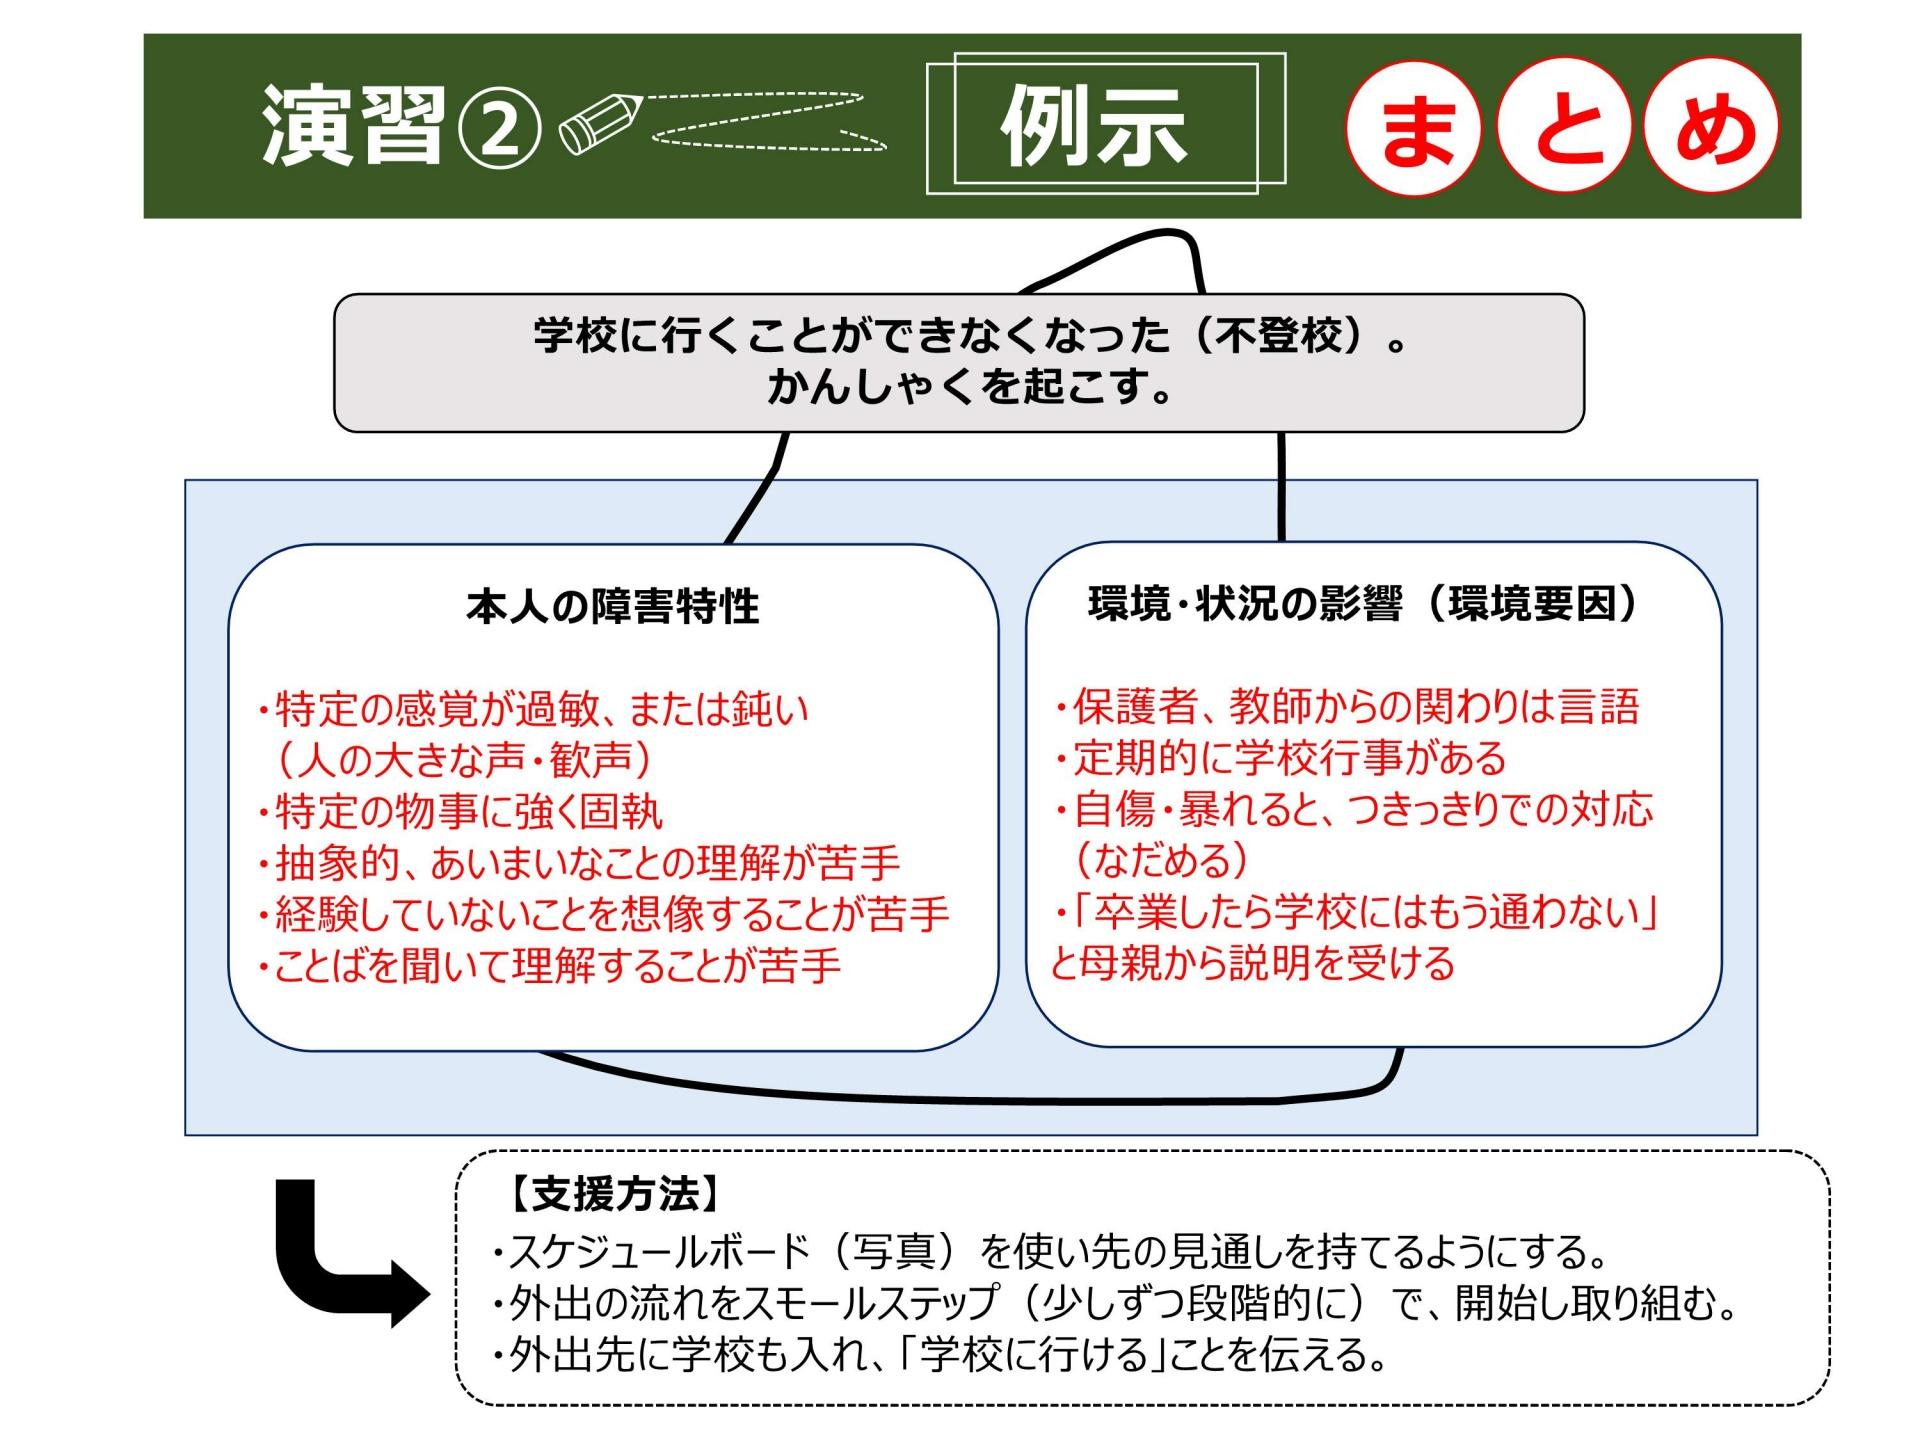 行動の背景と捉え方(例示ページ)_2